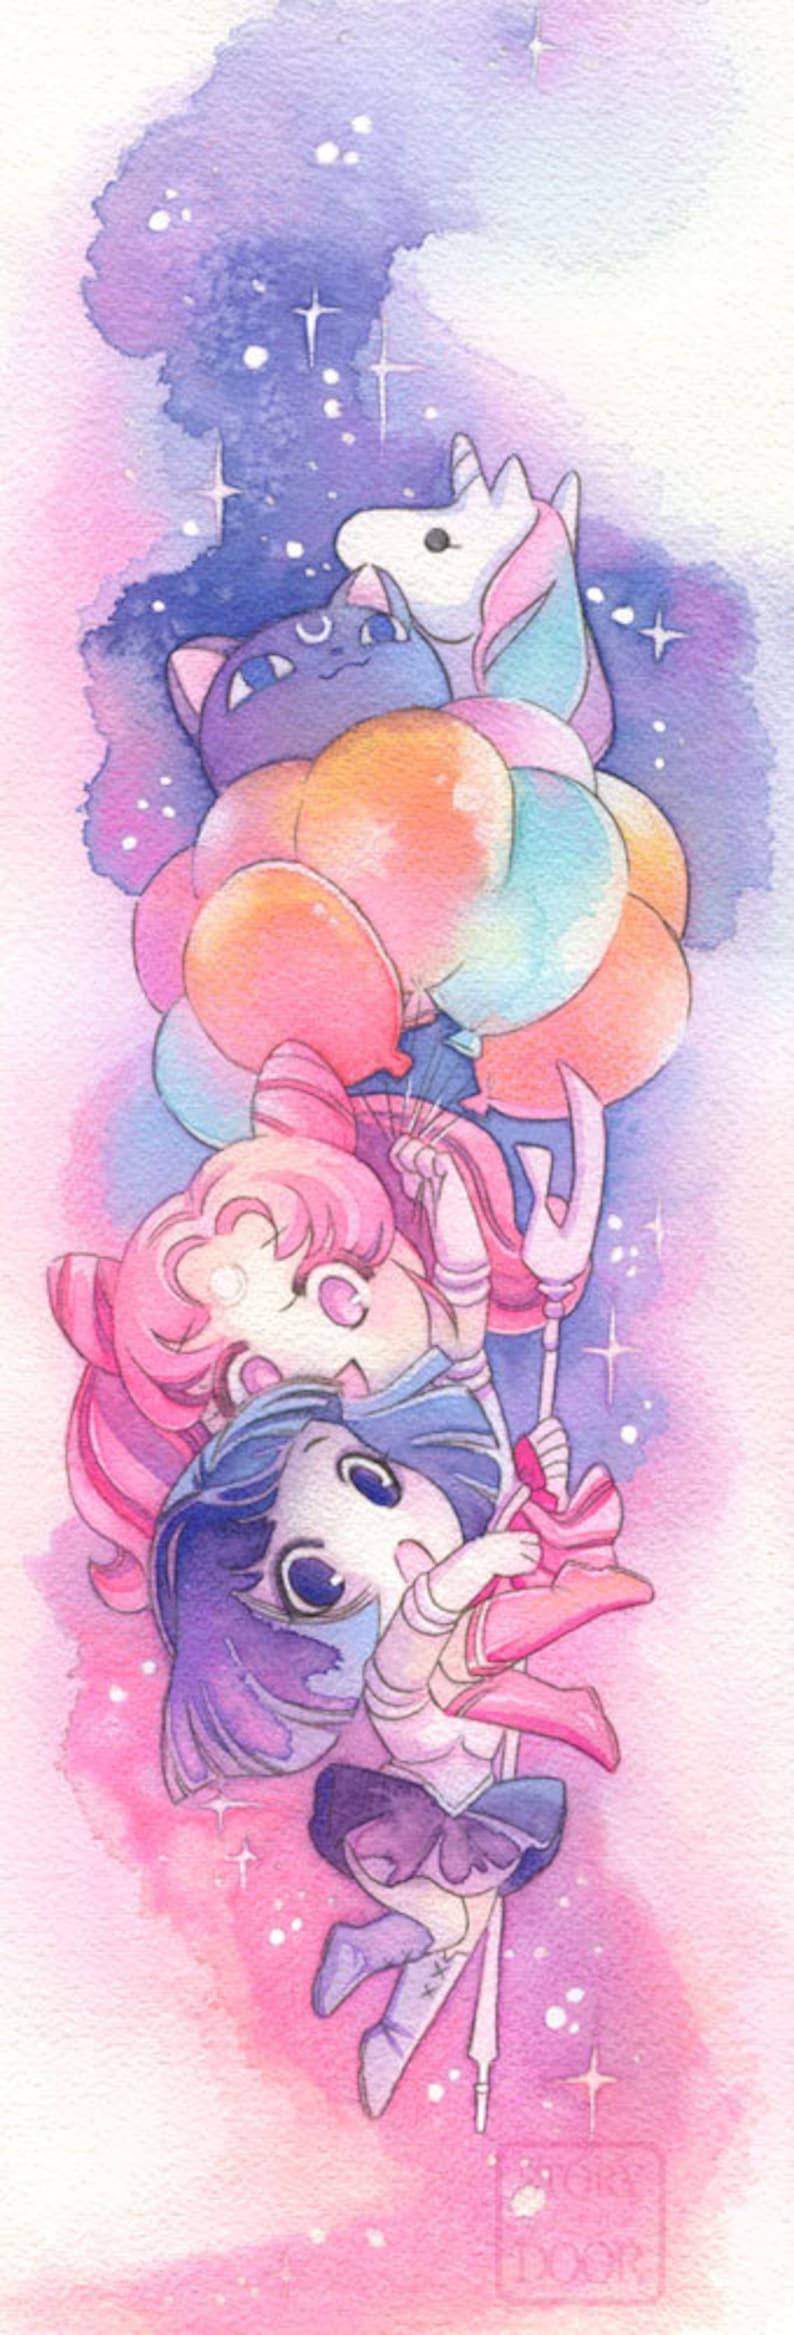 Sailor Moon Poster Chibiusa and Sailor Saturn Hotaru 8x24 image 0